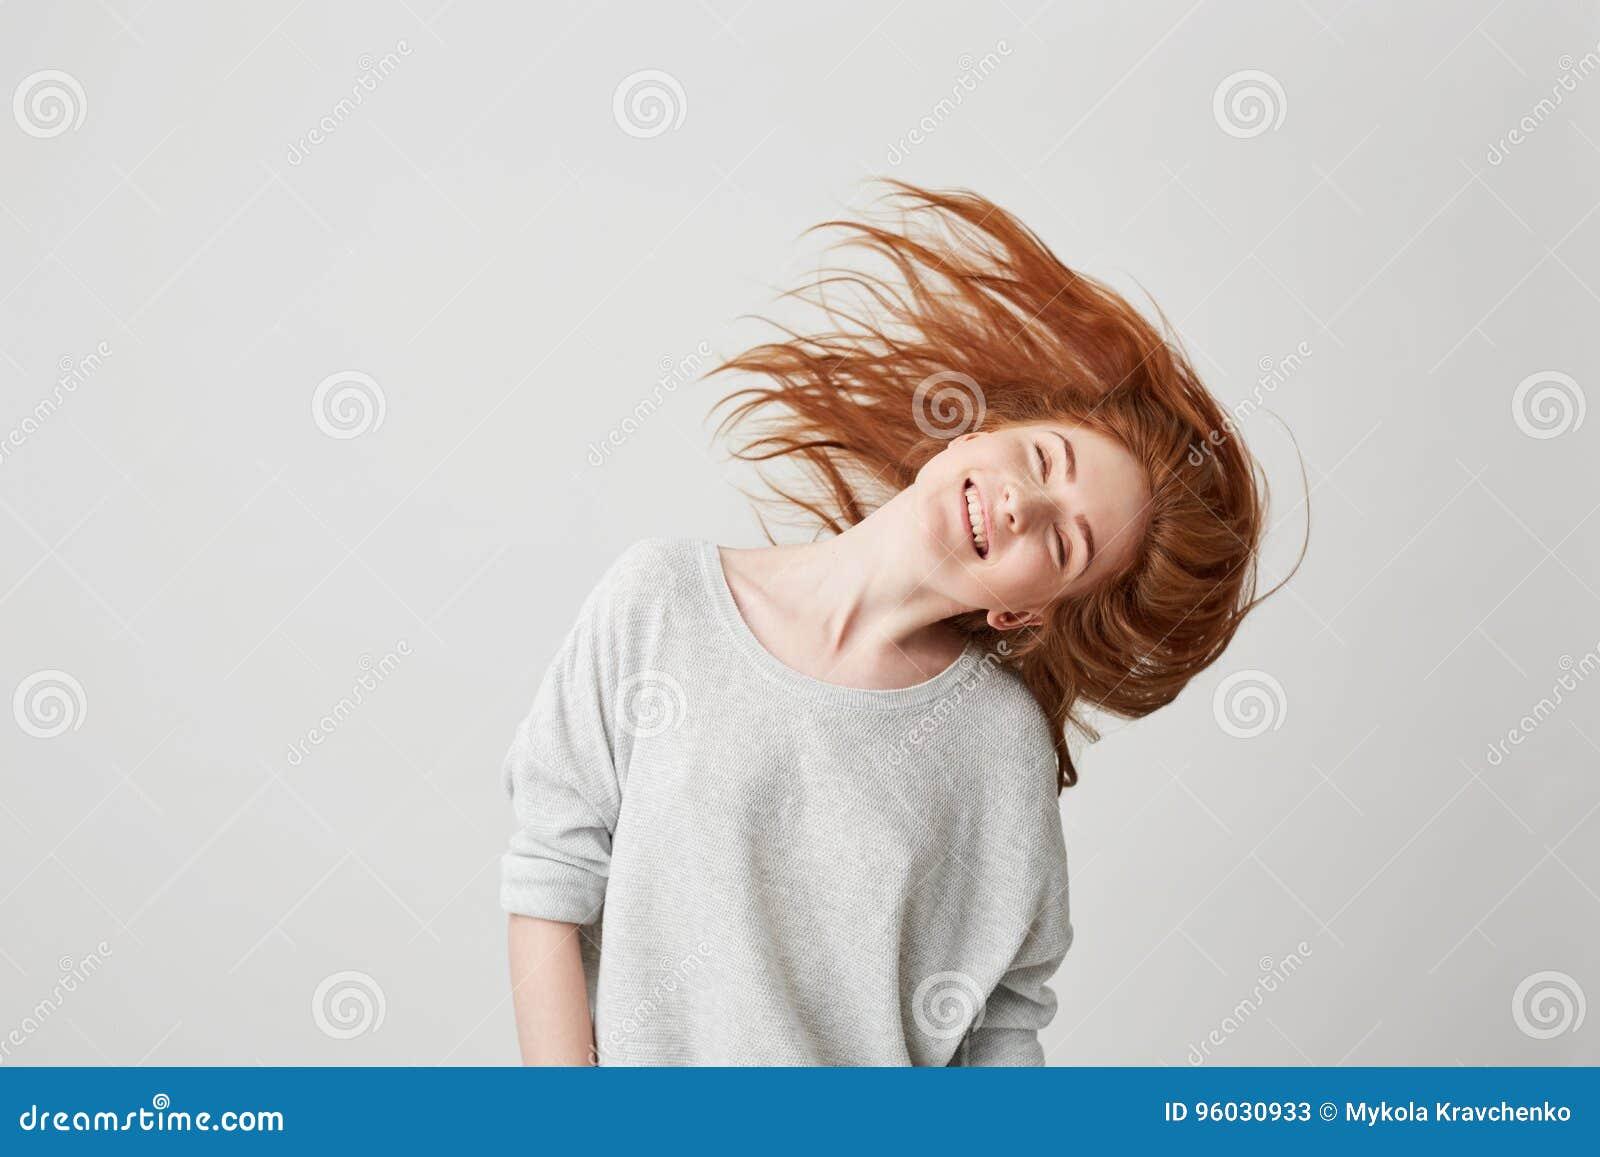 Portret van het jonge vrolijke mooie roodharigemeisje glimlachen met gesloten ogen die hoofd en haar over witte achtergrond schud